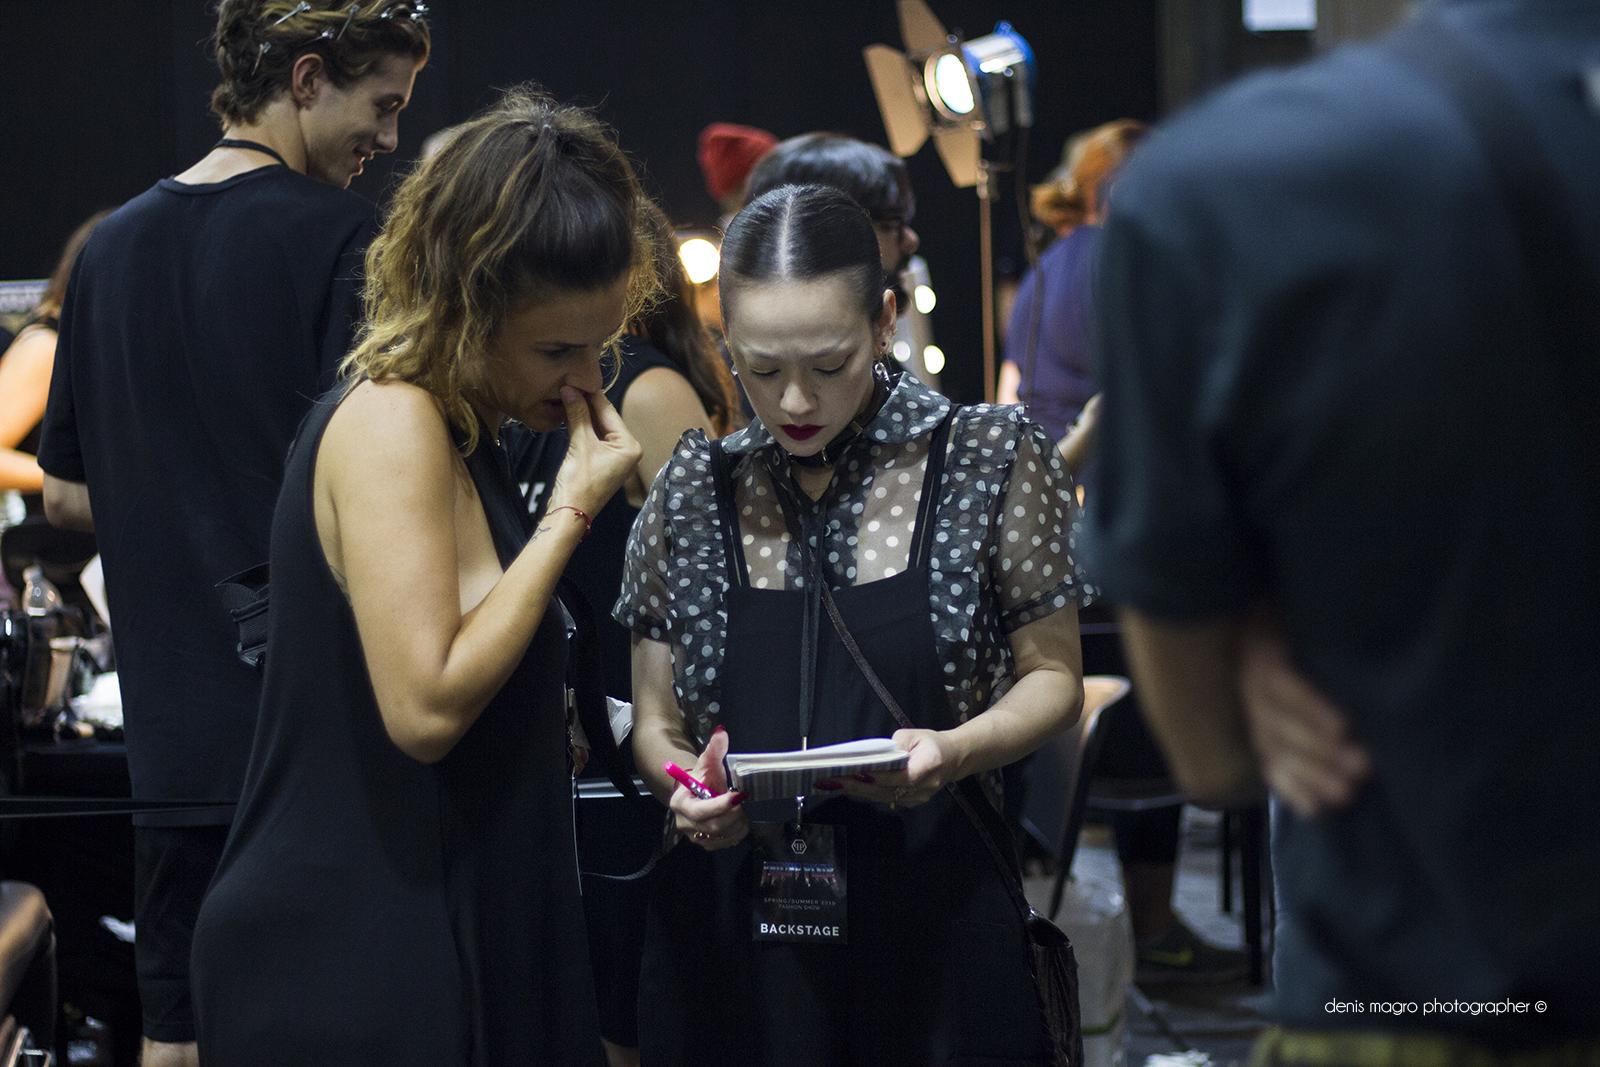 Milano fashion week / Denis Magro